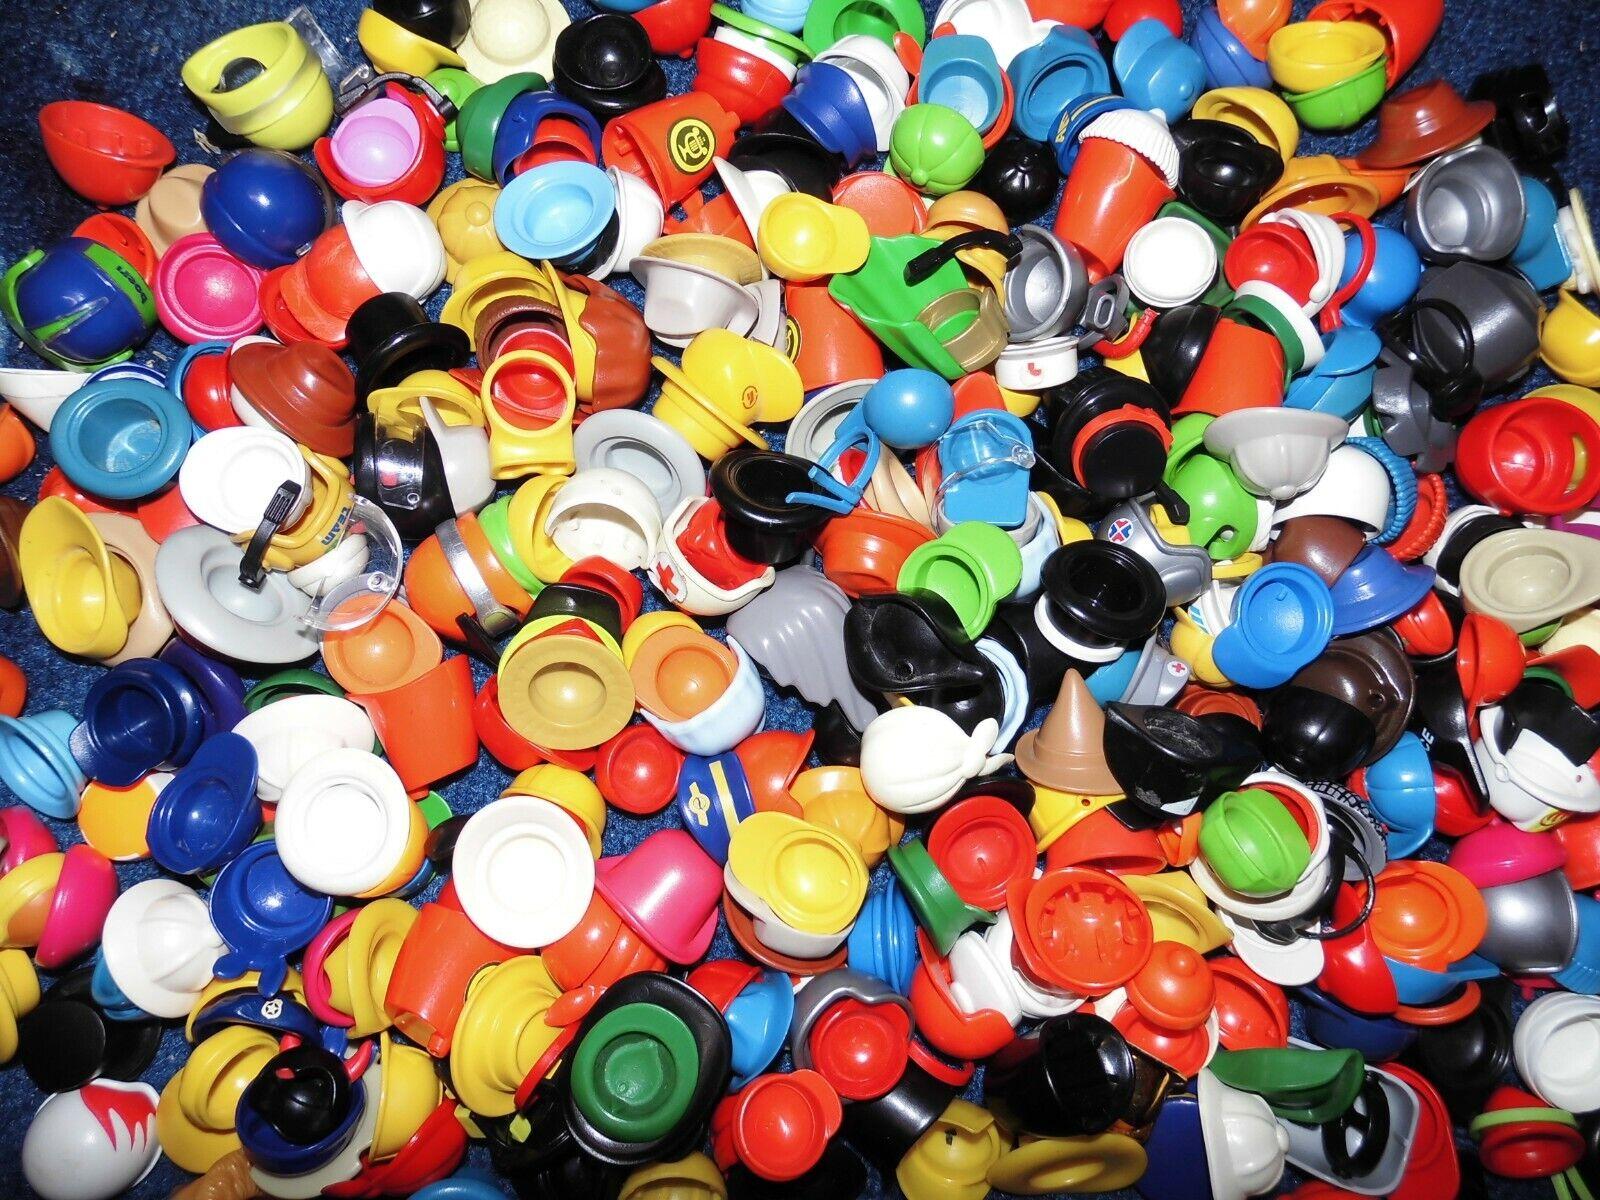 Playmobil - Kopfbedeckungen #1- Hüte / Mützen / Caps - aussuchen